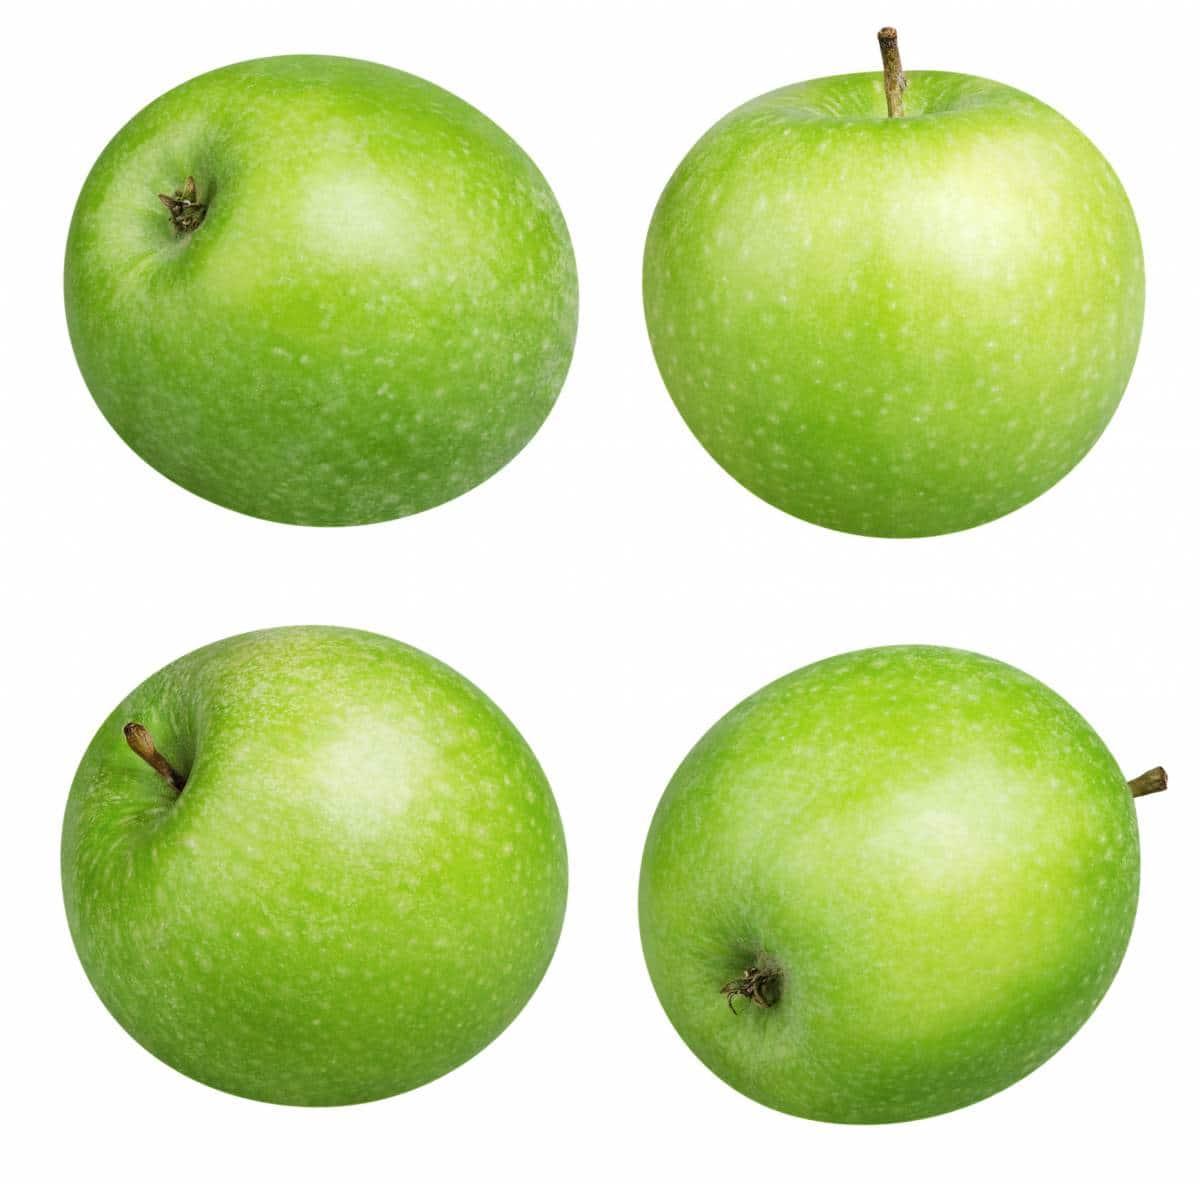 Les bienfaits de la pomme pour la peau